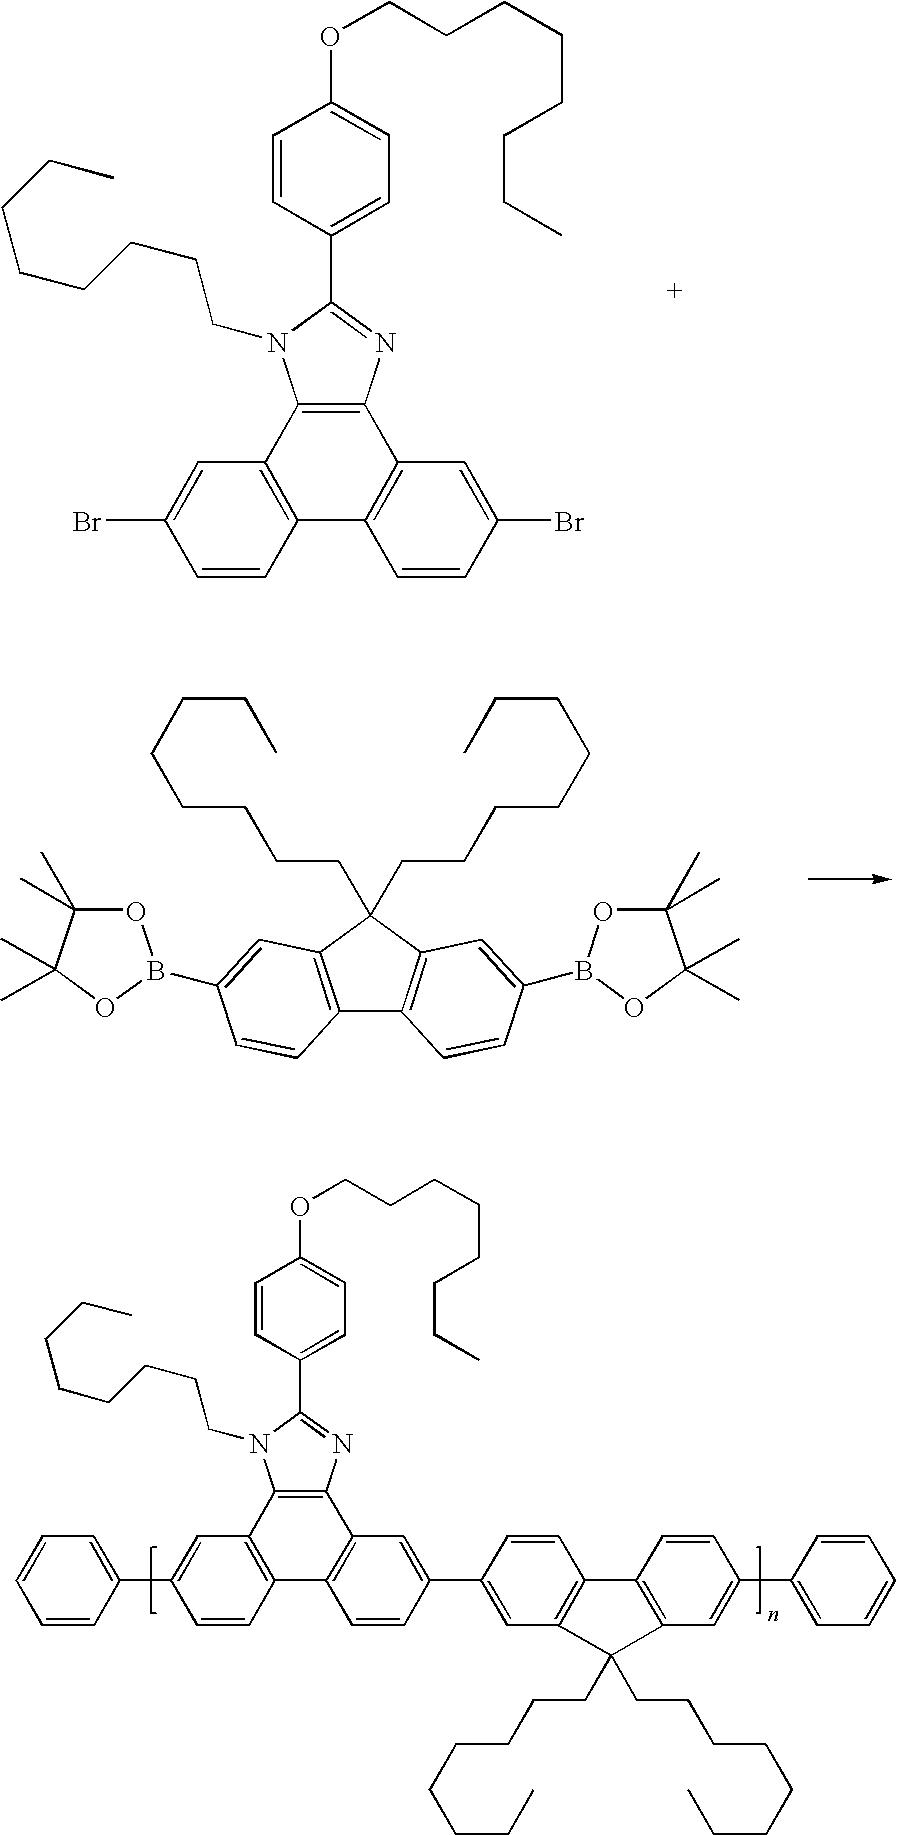 Figure US20090105447A1-20090423-C00217